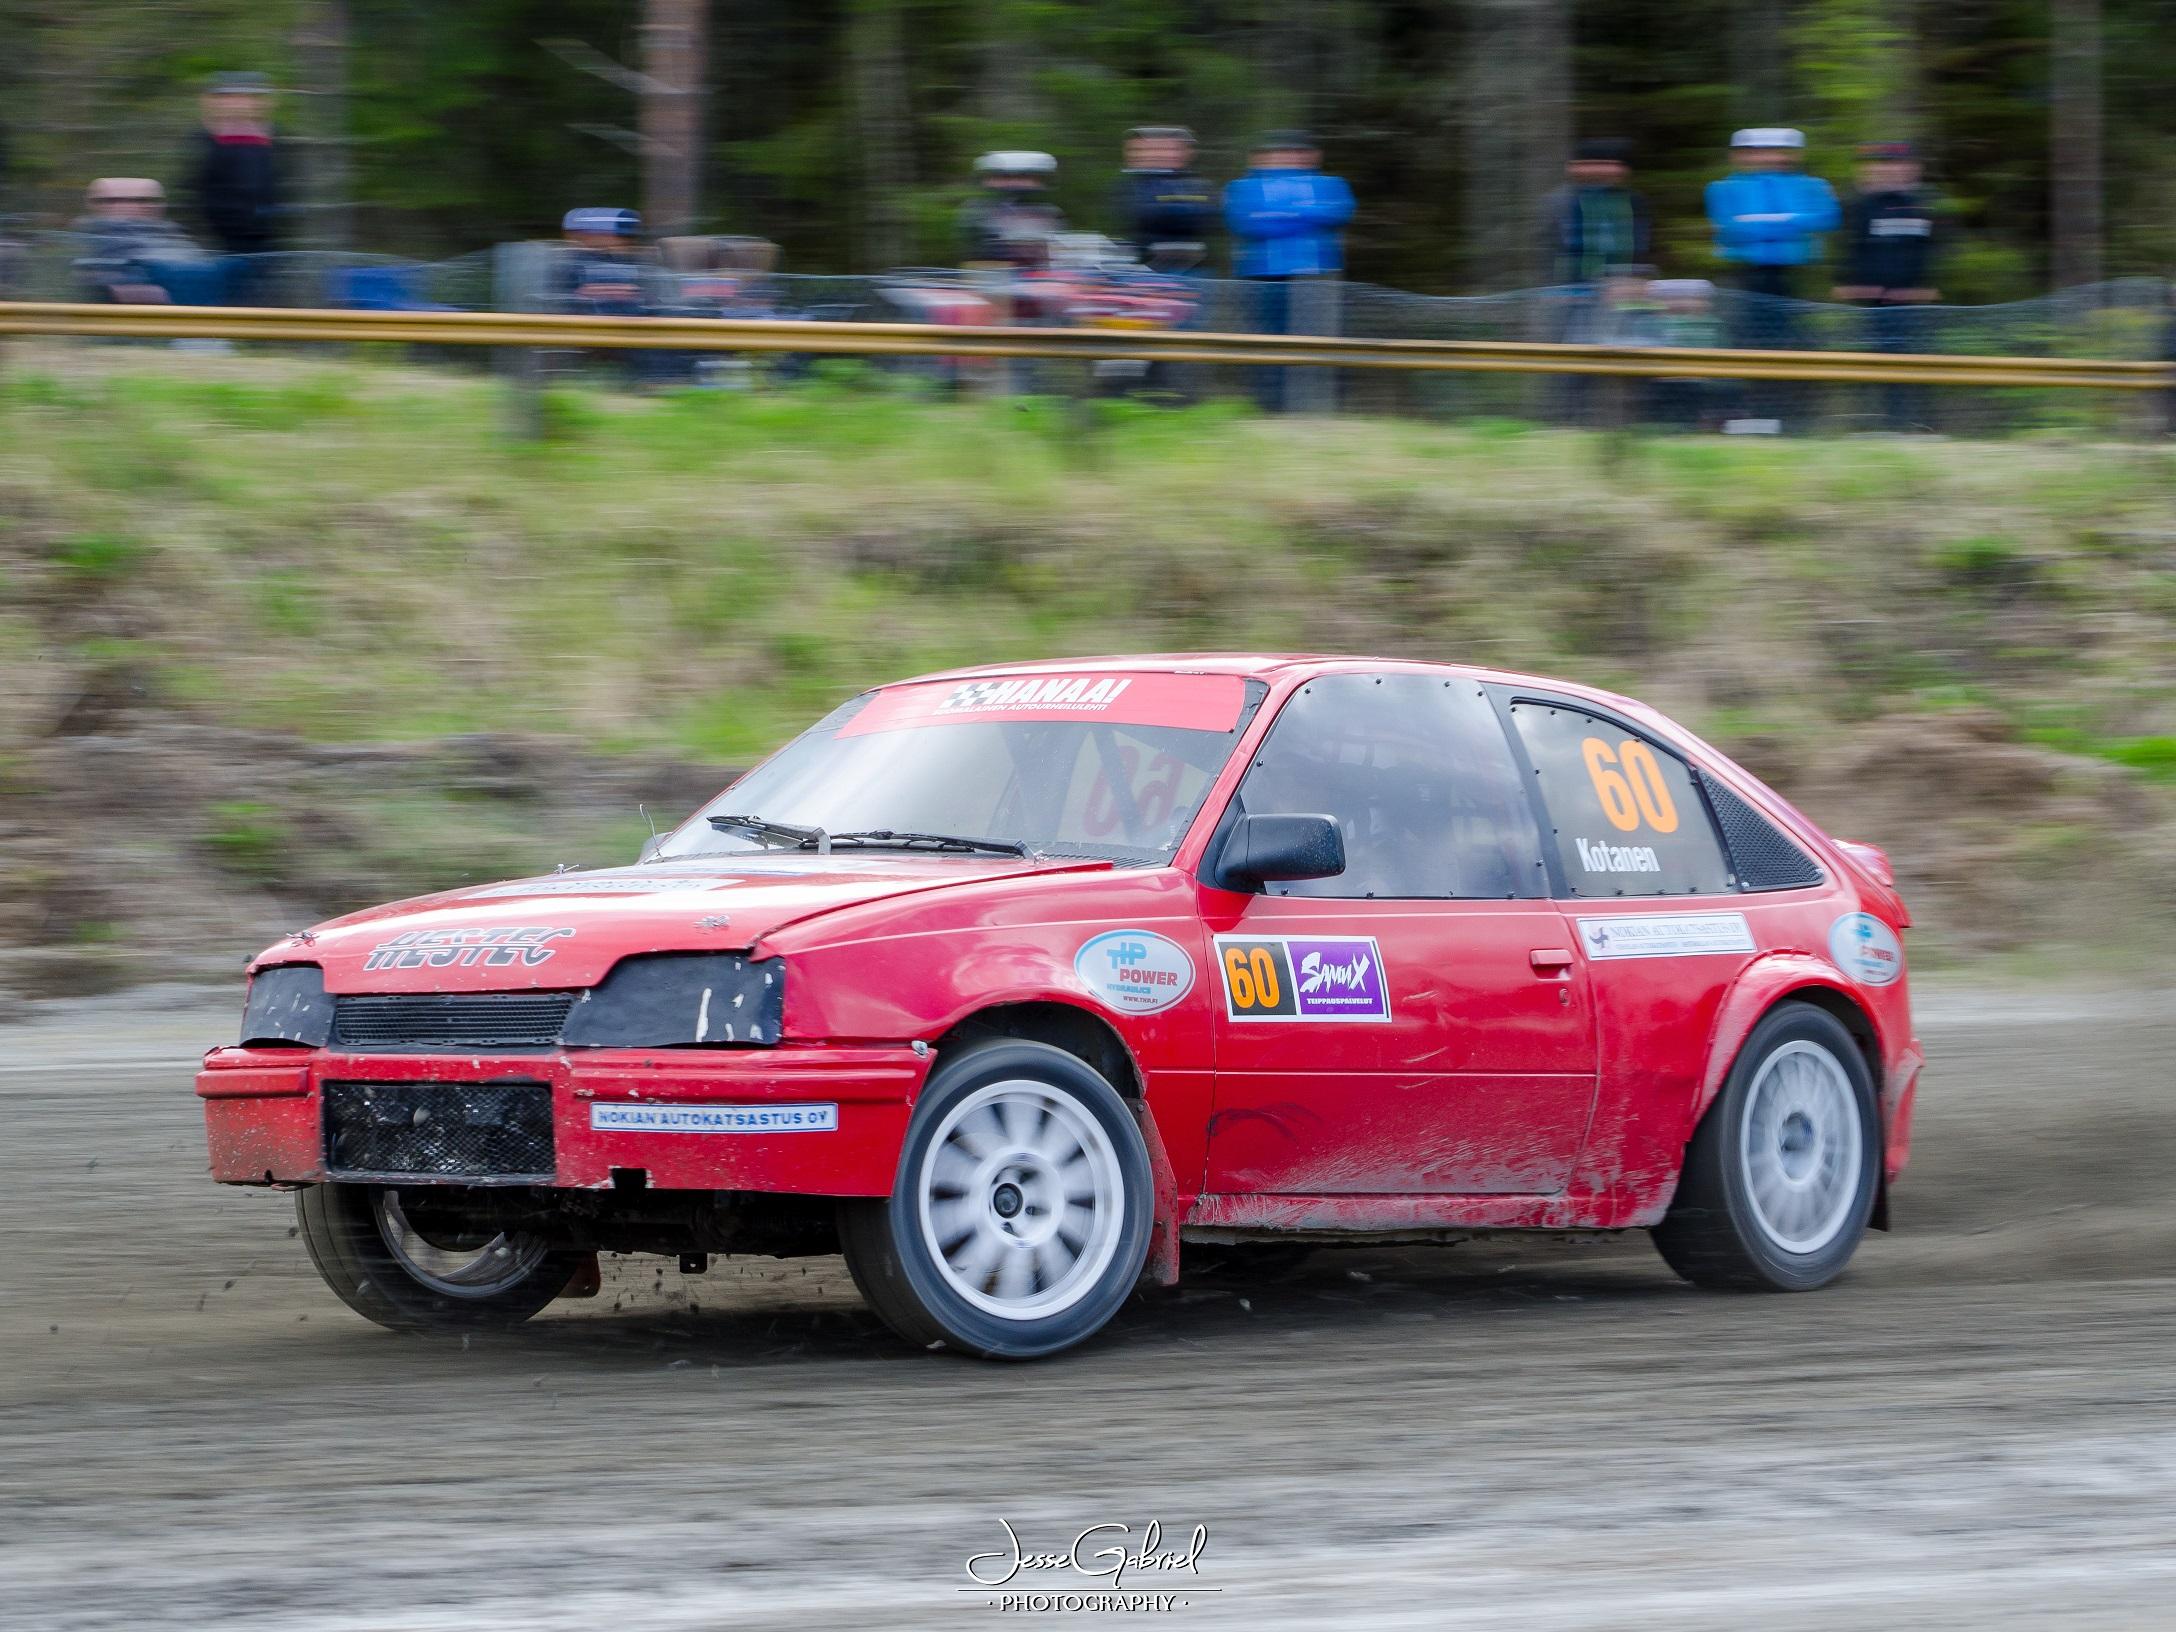 #60 Rauno Kotanen - Seura: NokUAAuto: Opel Kadet